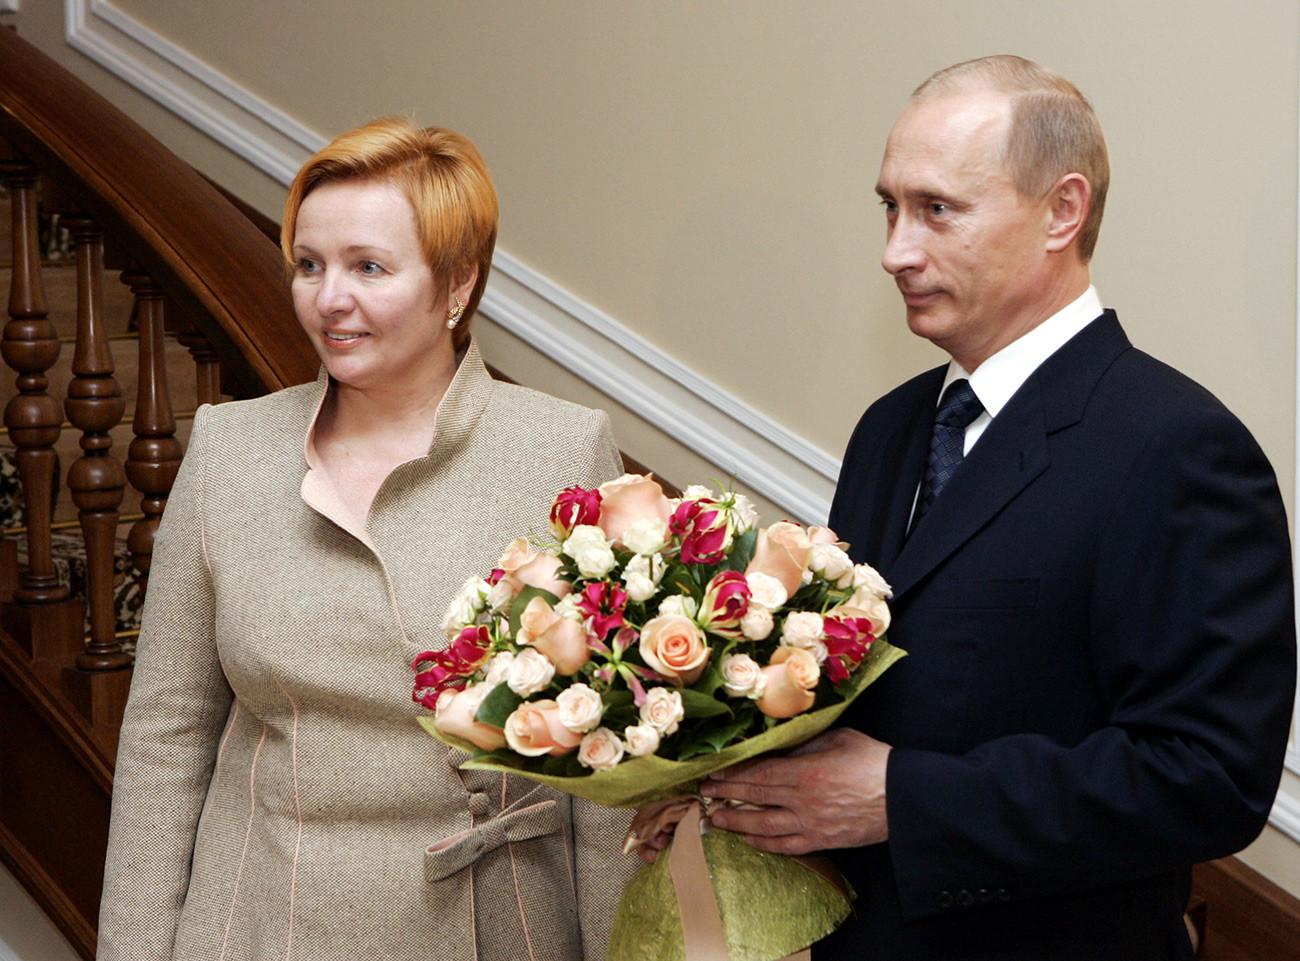 Poutine et son épouse d'alors, Lioudmila.